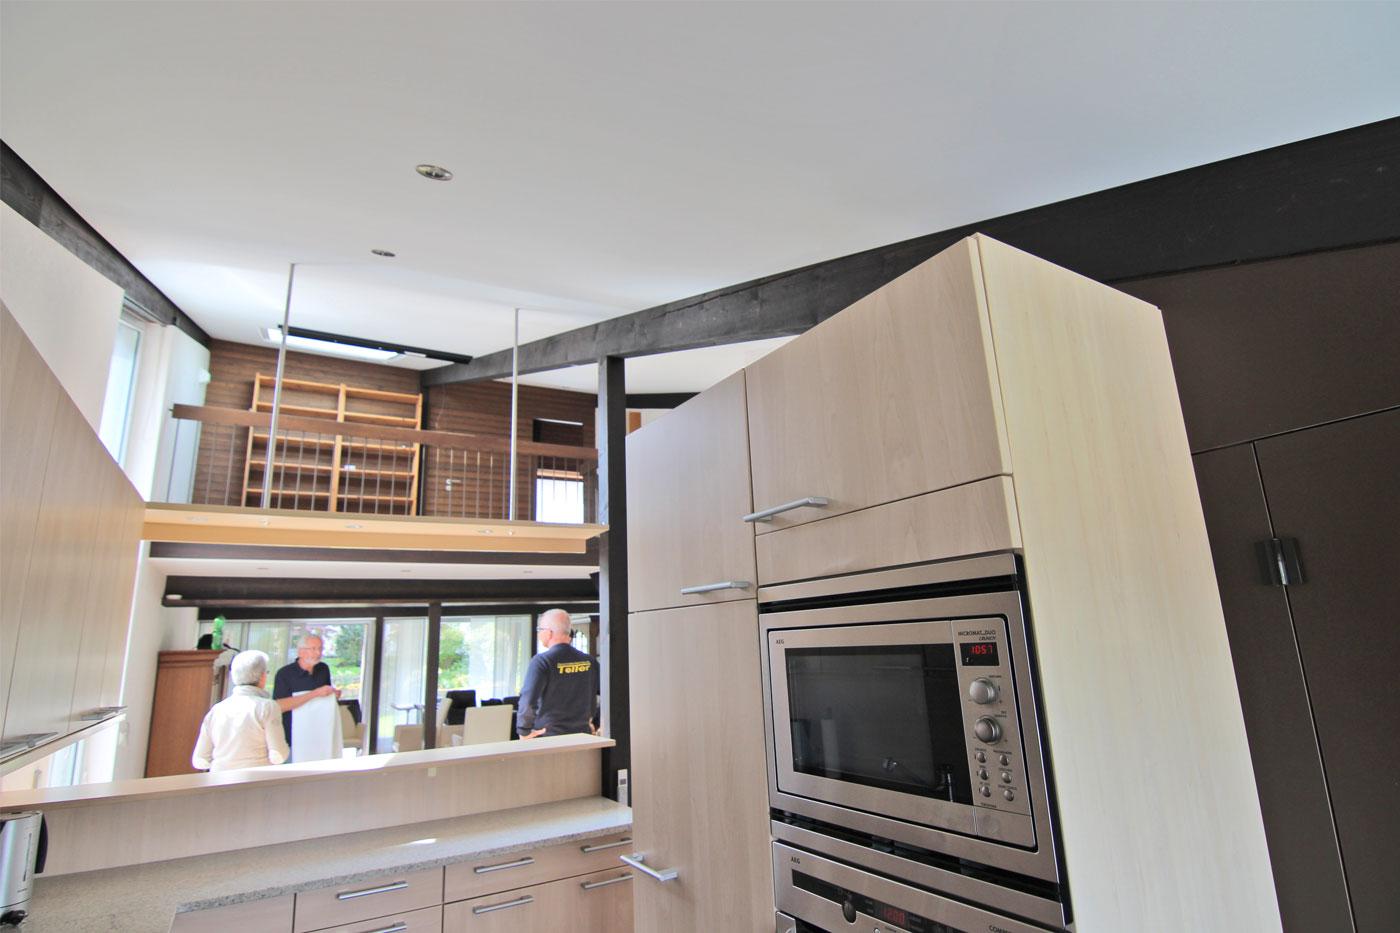 Spanndeckenstudio Teller - Referenzen - Küche 002